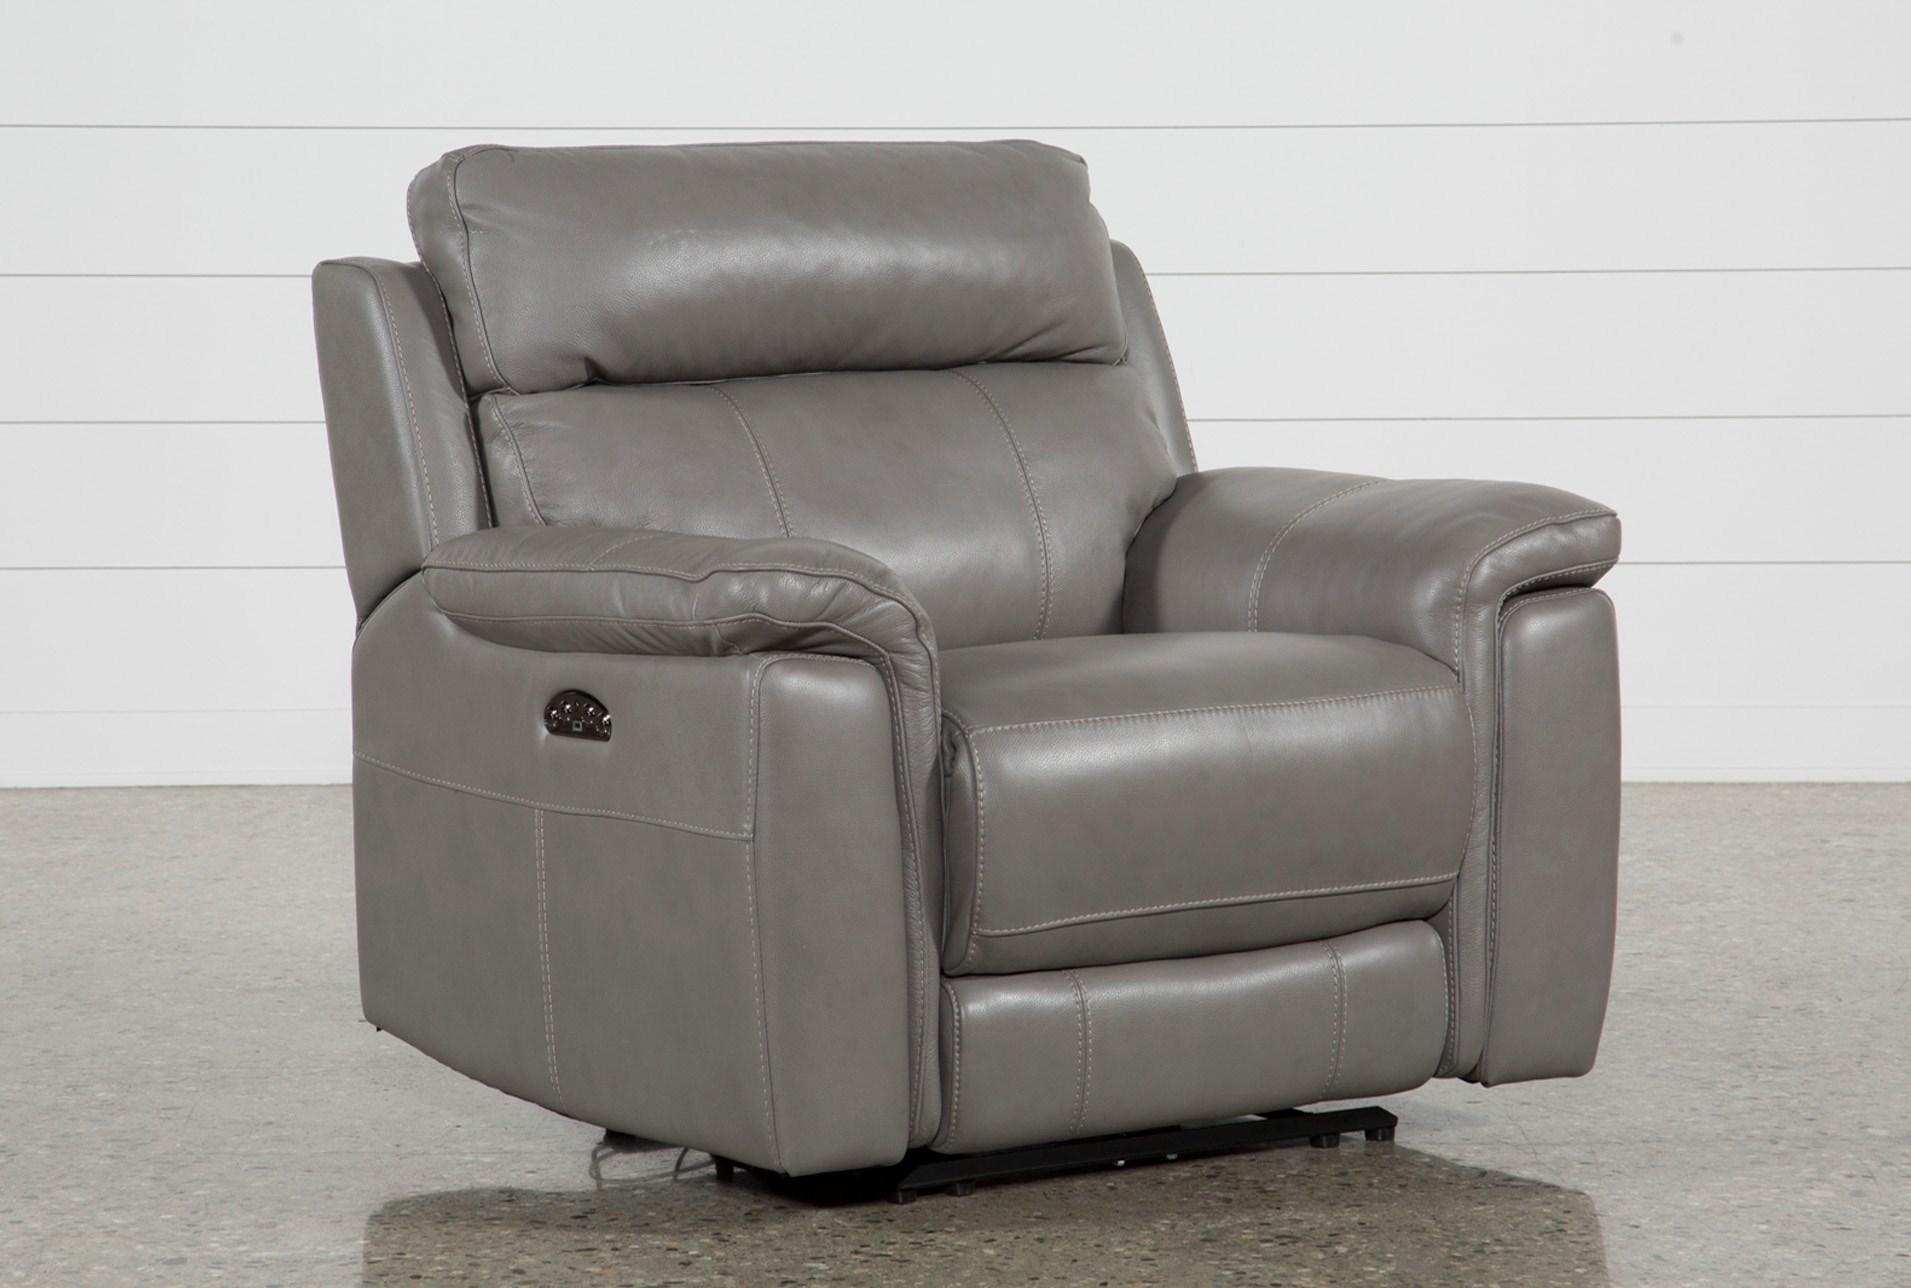 Dino Grey Leather Power Reclining Sofa W Power Headrest